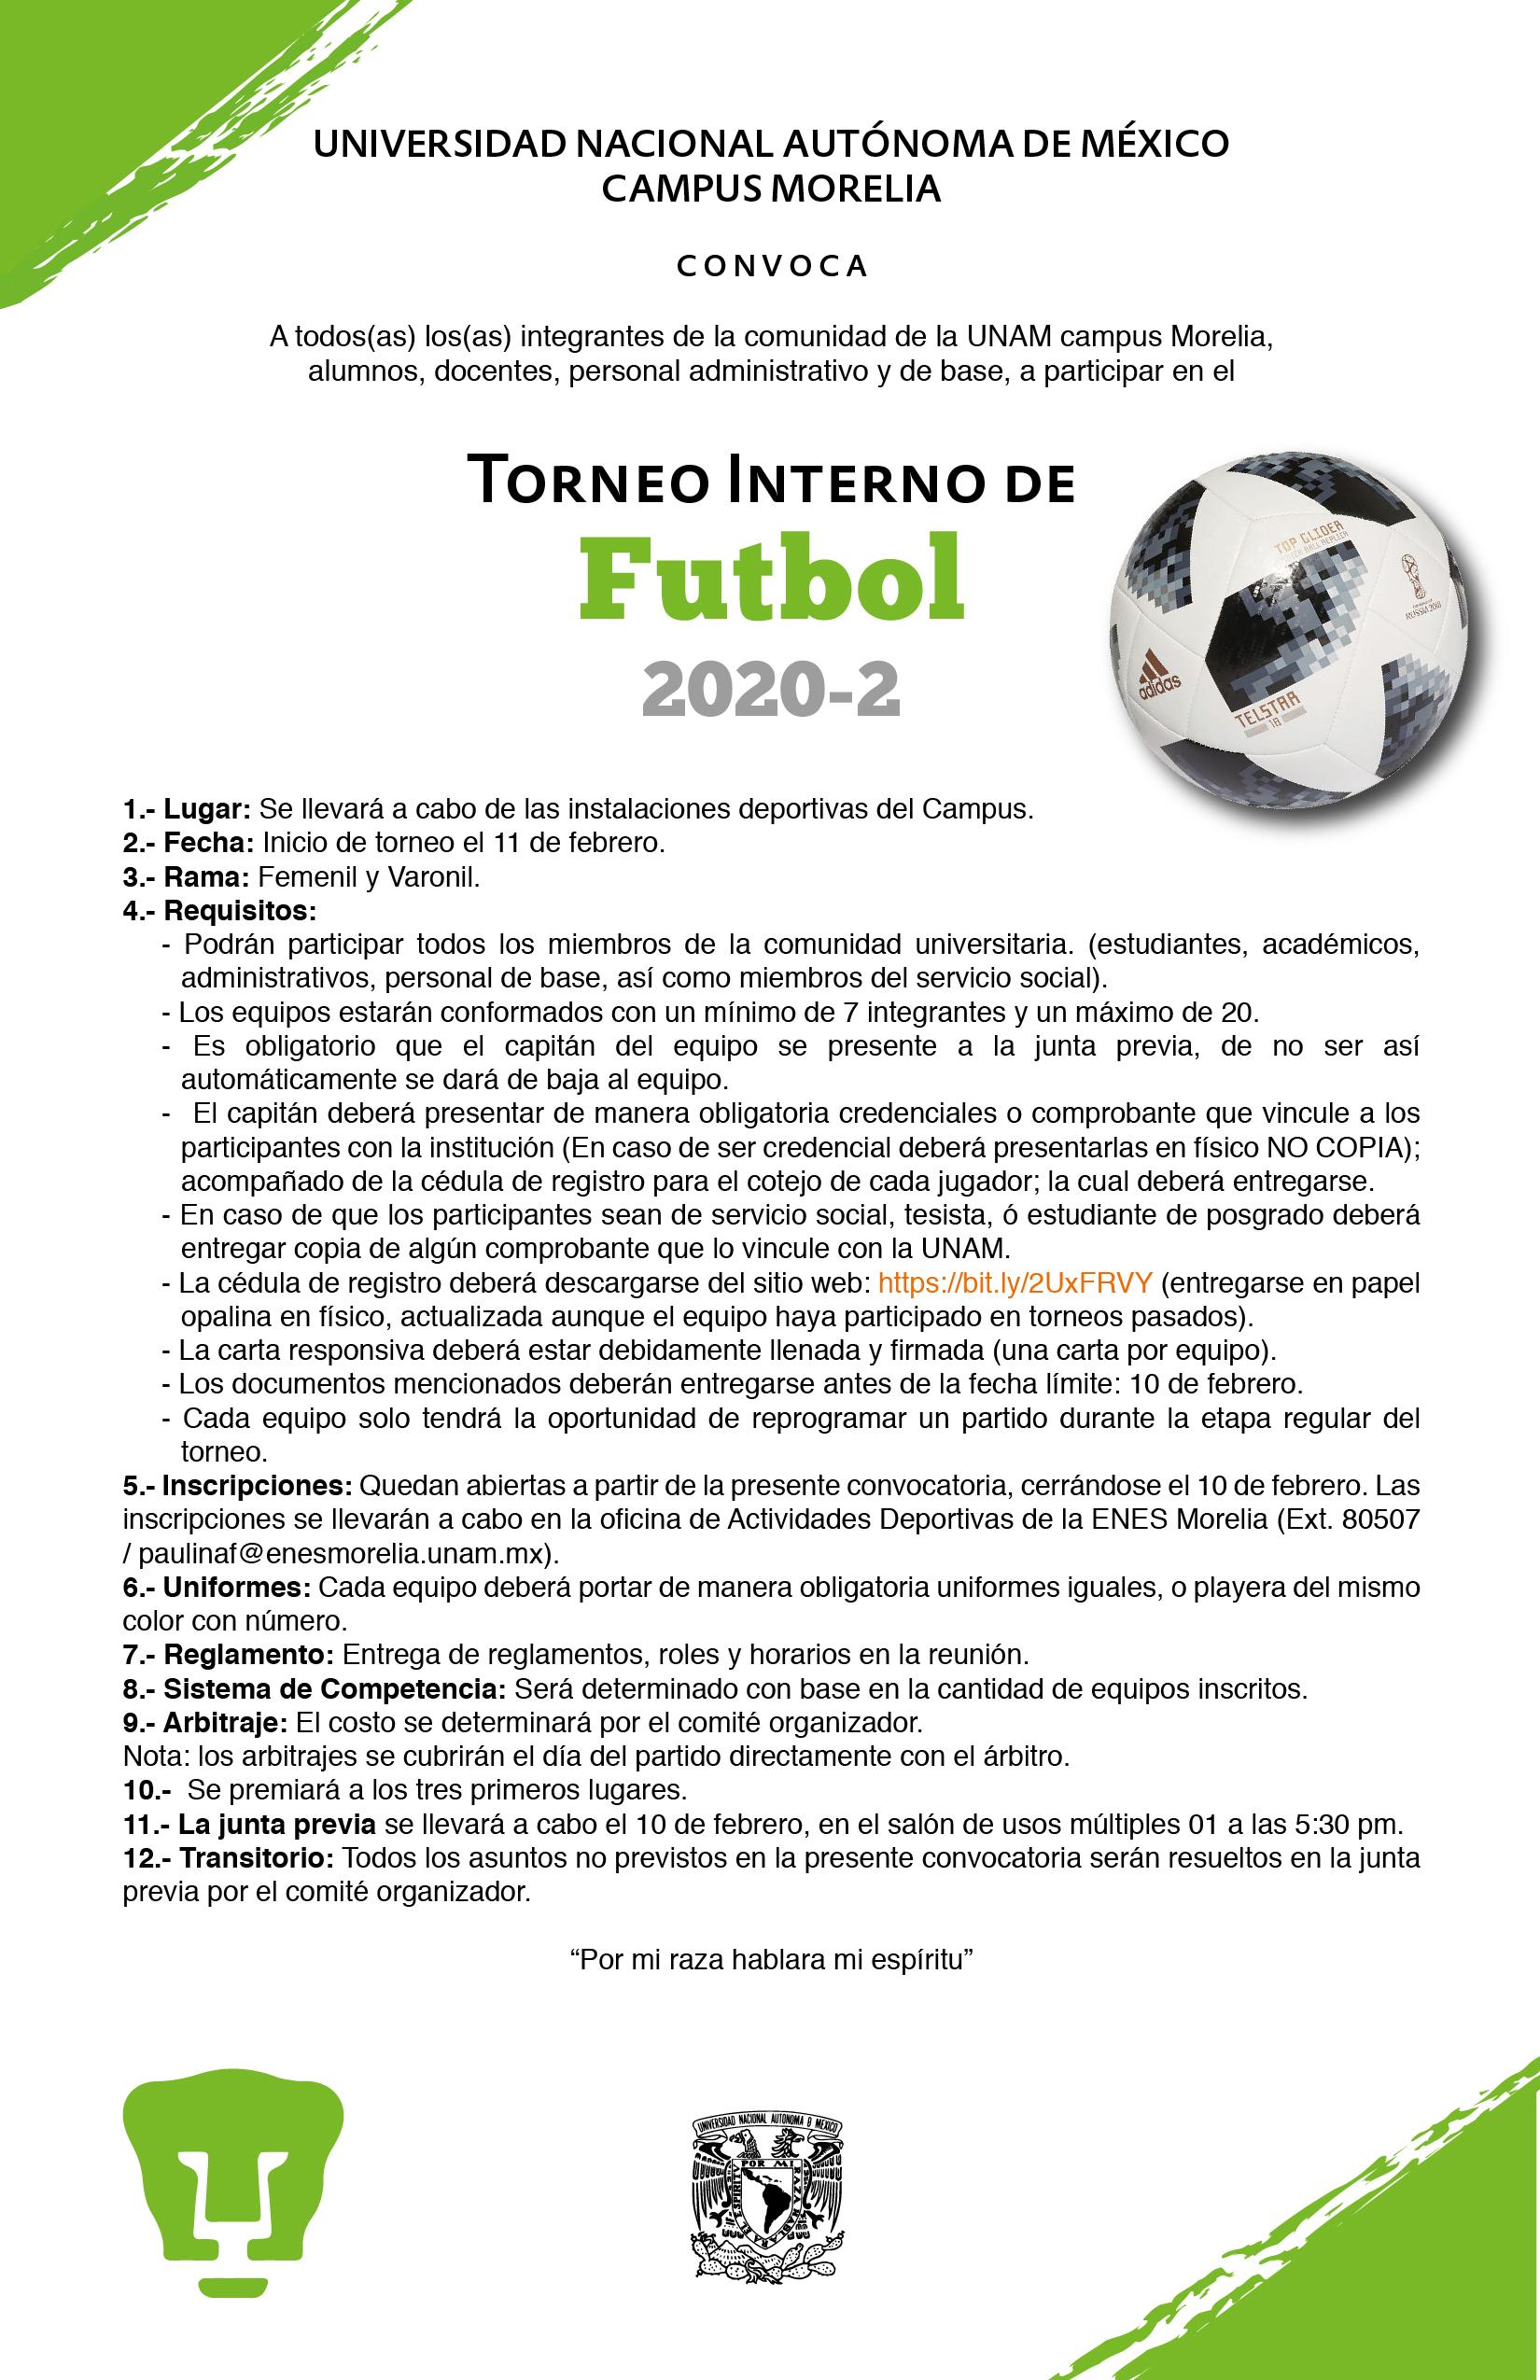 conv-deportivas-2020-2-02